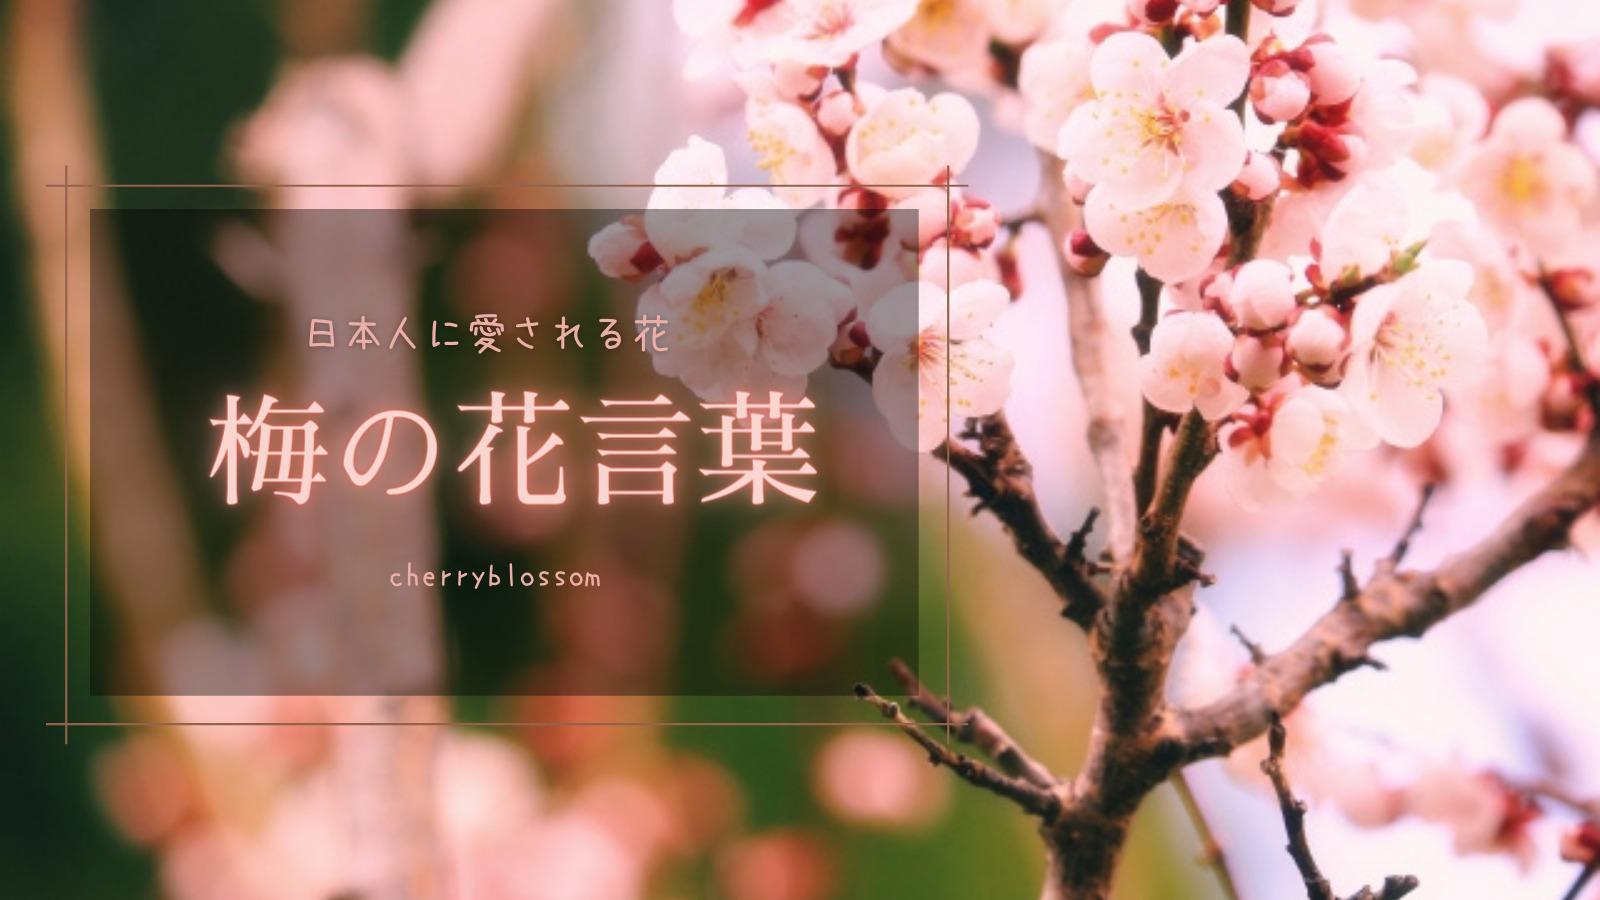 私たちになじみの深い梅の花言葉